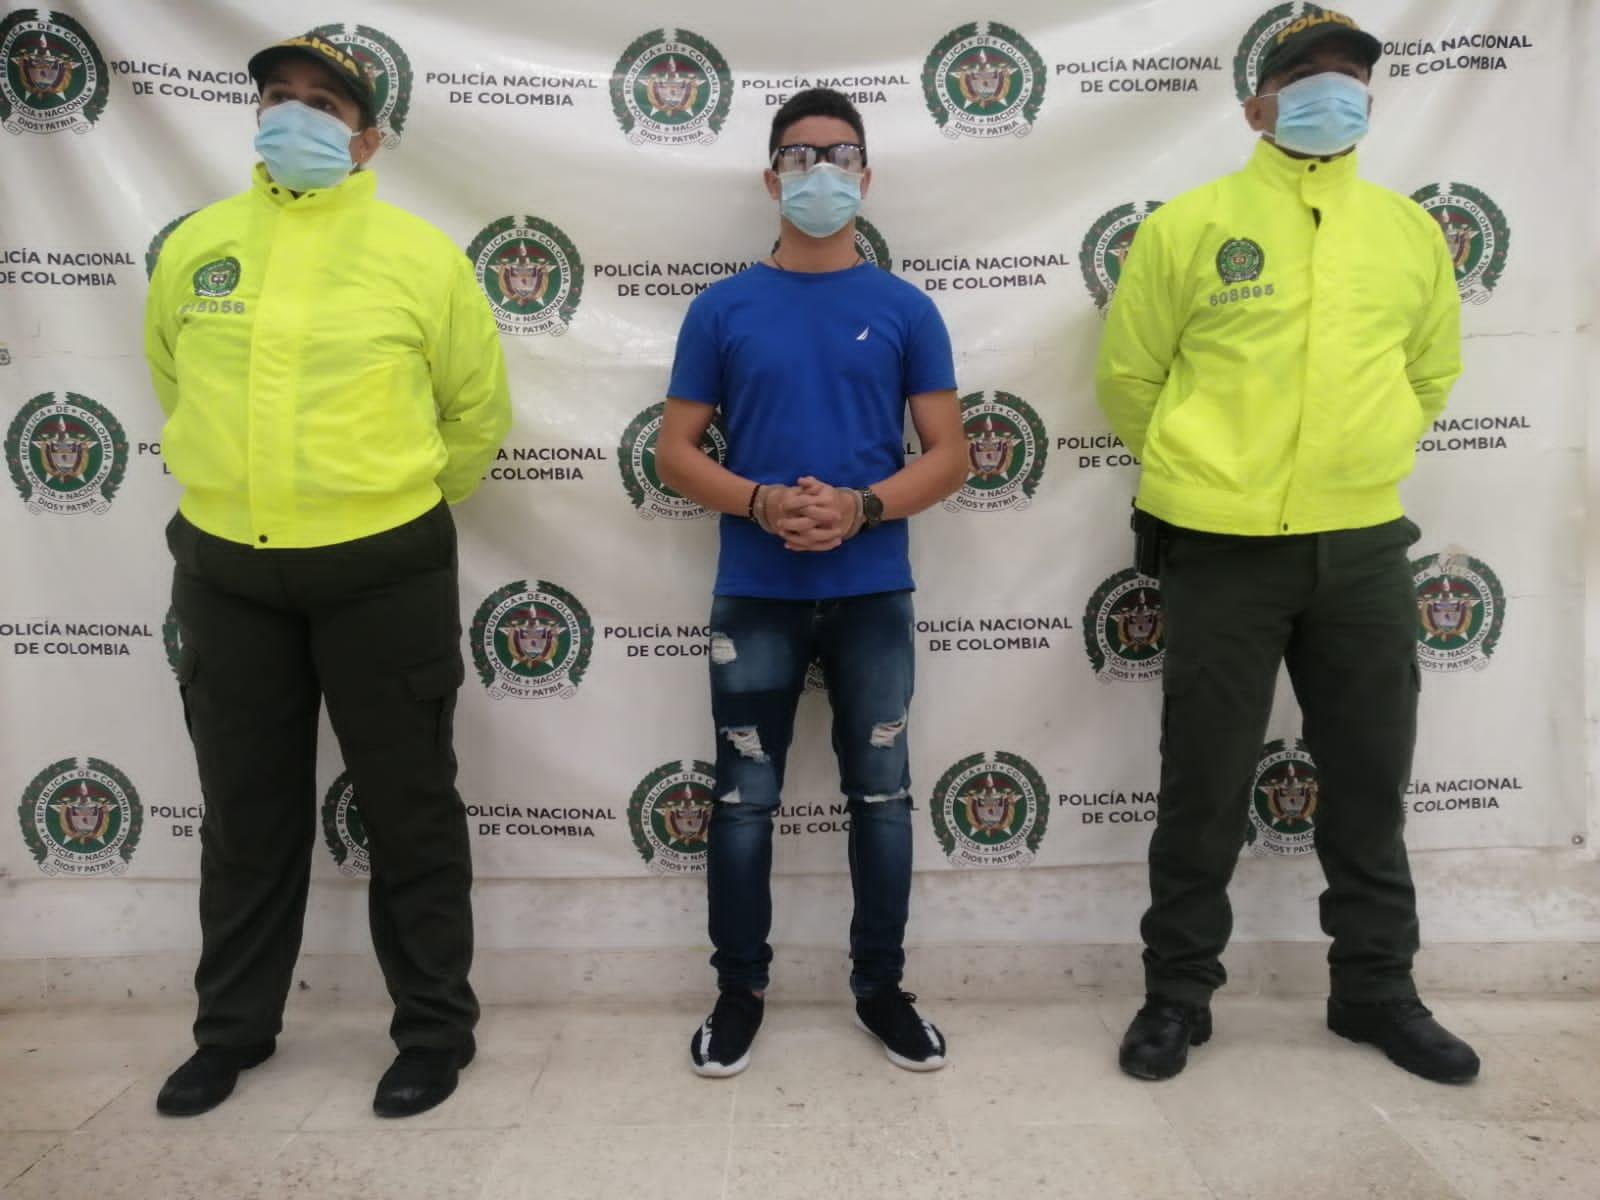 https://www.notasrosas.com/Detenido por abuso sexual con menor de edad, en Riohacha